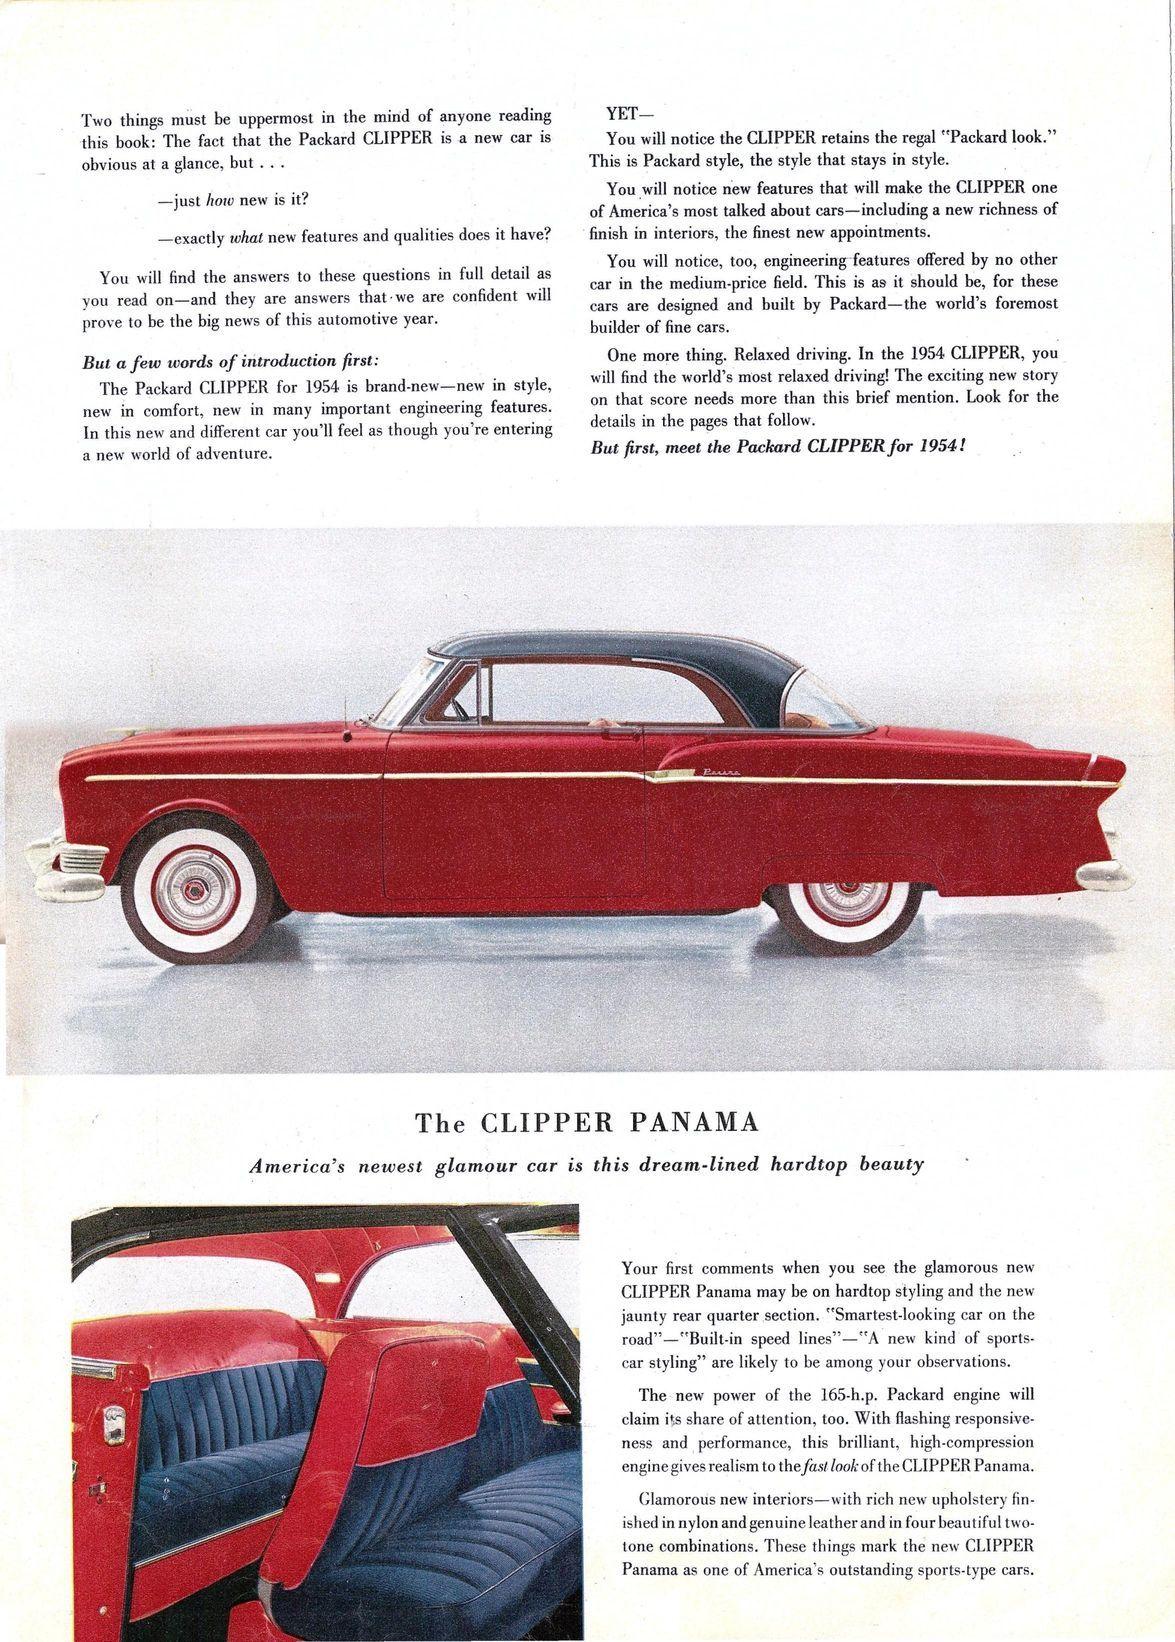 1954 packard clipper panama panamafavorite color1940scar